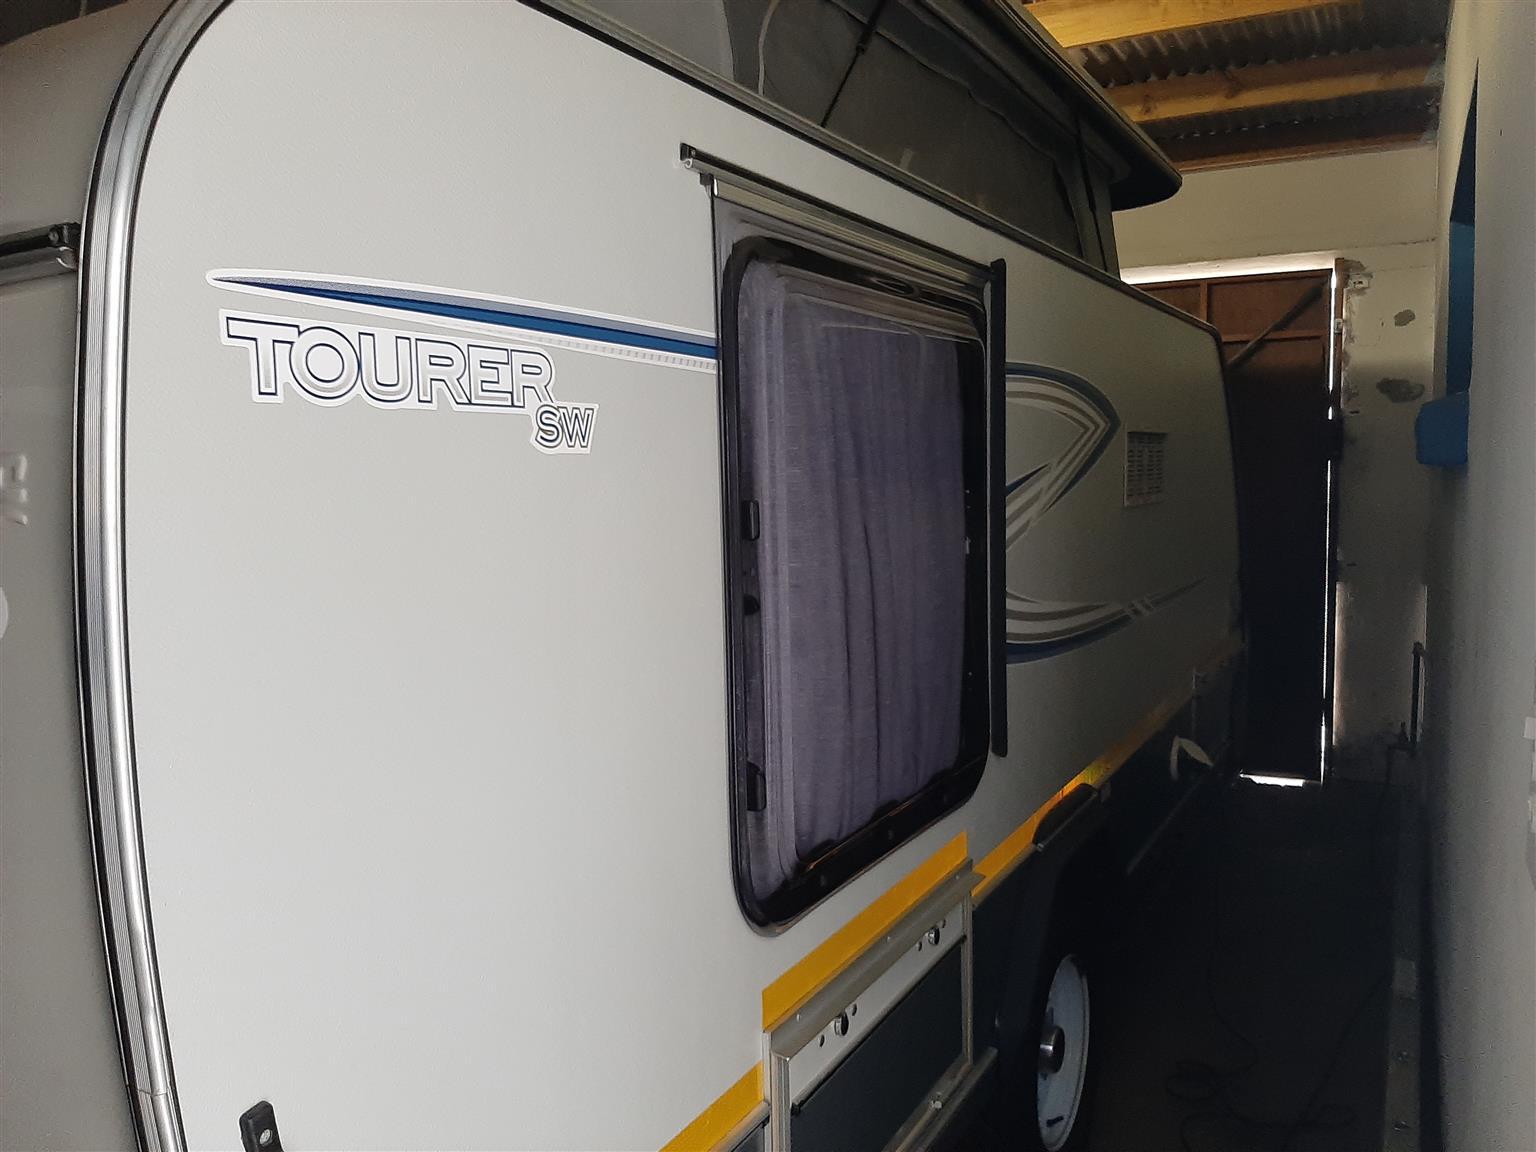 Sw tourer for sale